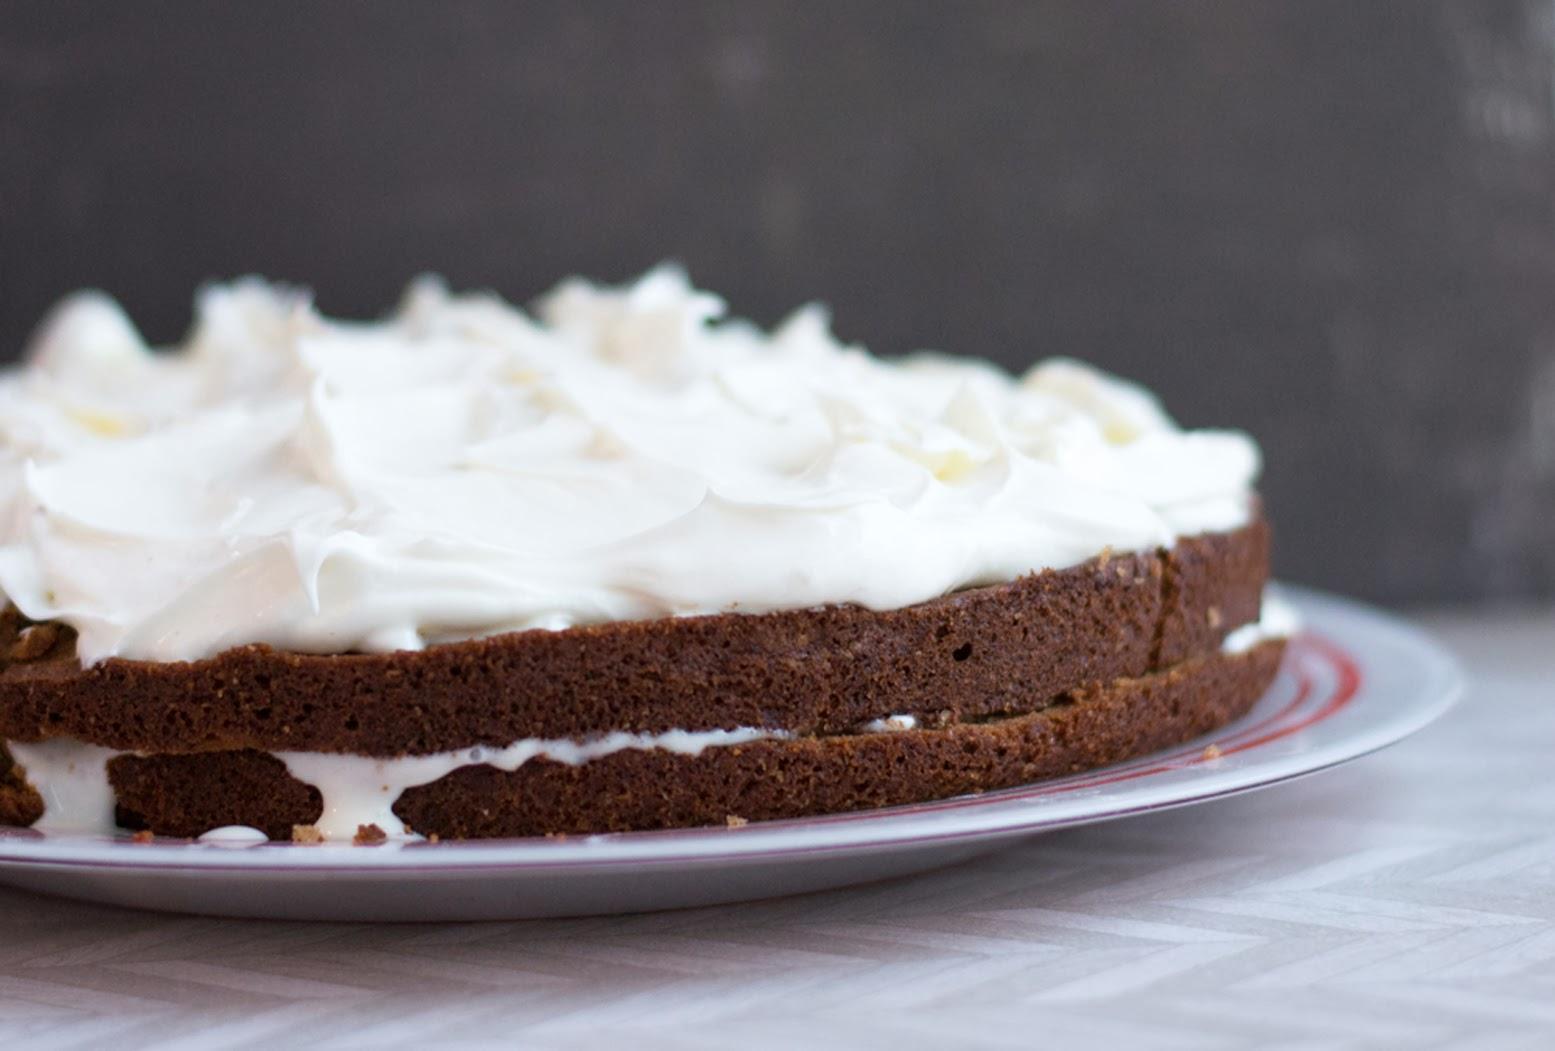 Собрать торт, смазывая коржи кремом